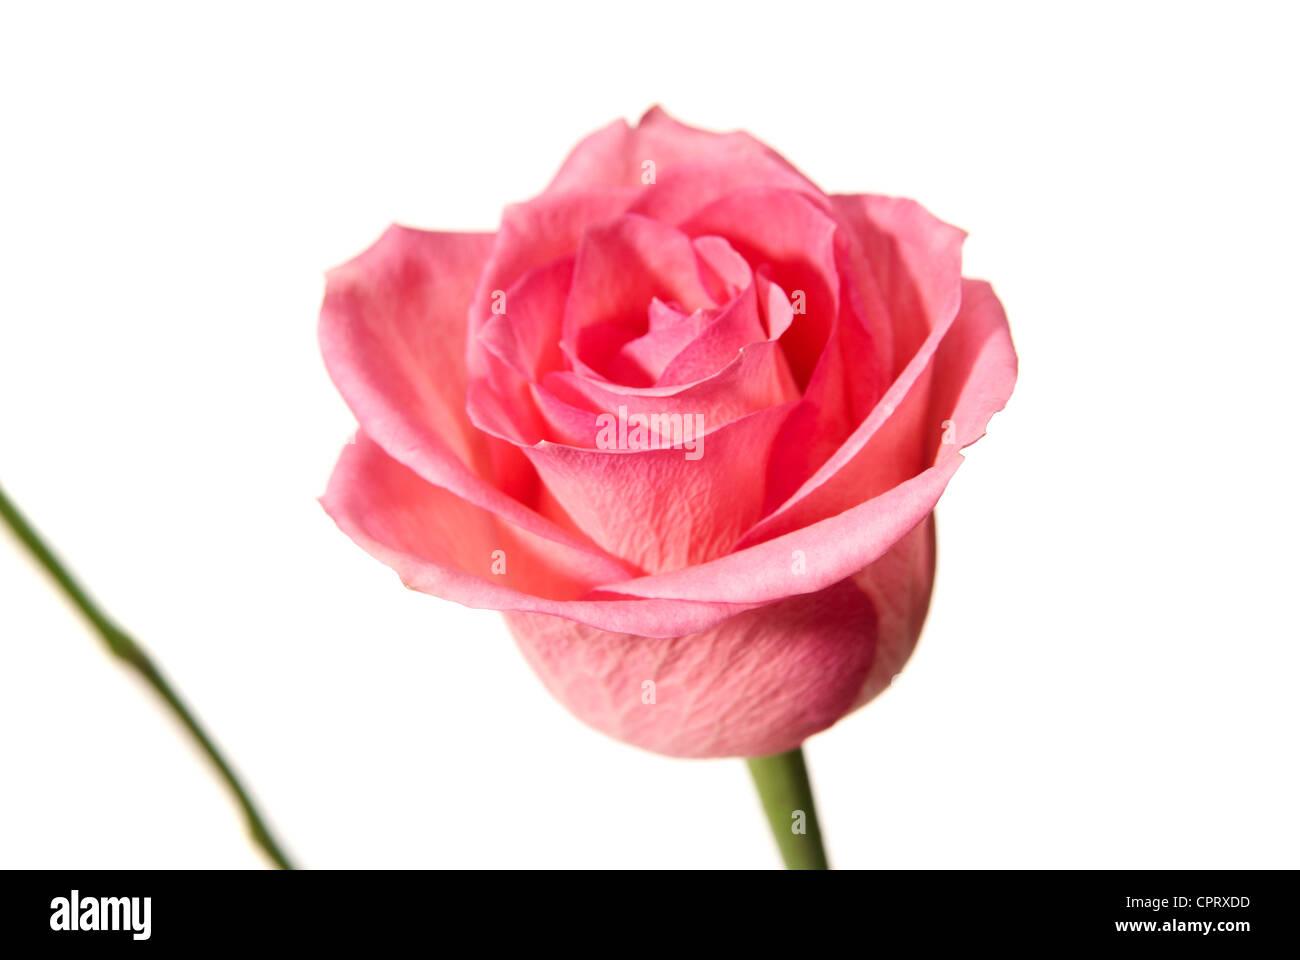 Studio shot di rosa rosa isolato su sfondo bianco. Immagini Stock